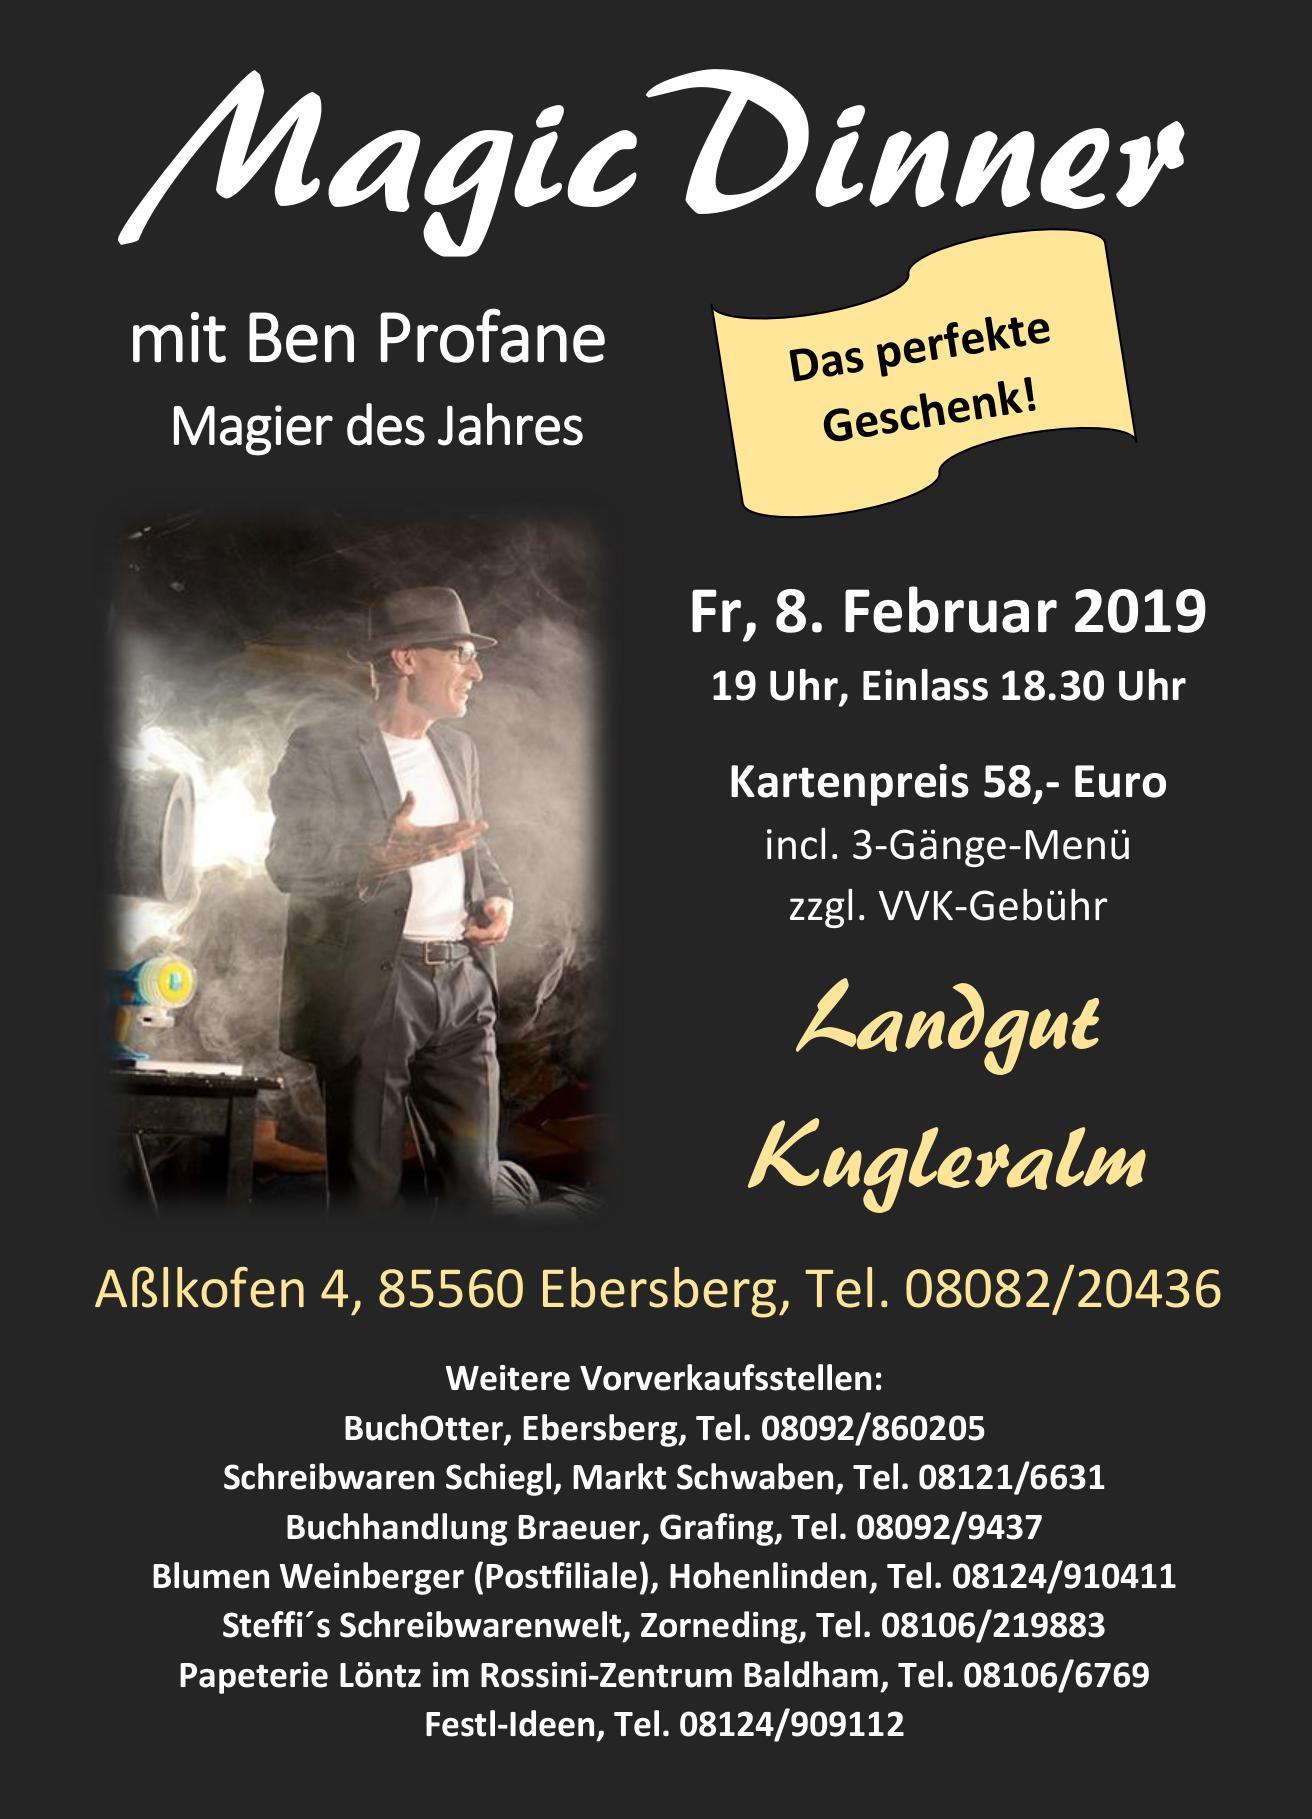 Flyer für das Magic Dinner auf der Kugleralm Ebersberg mit dem Magier Ben Profane